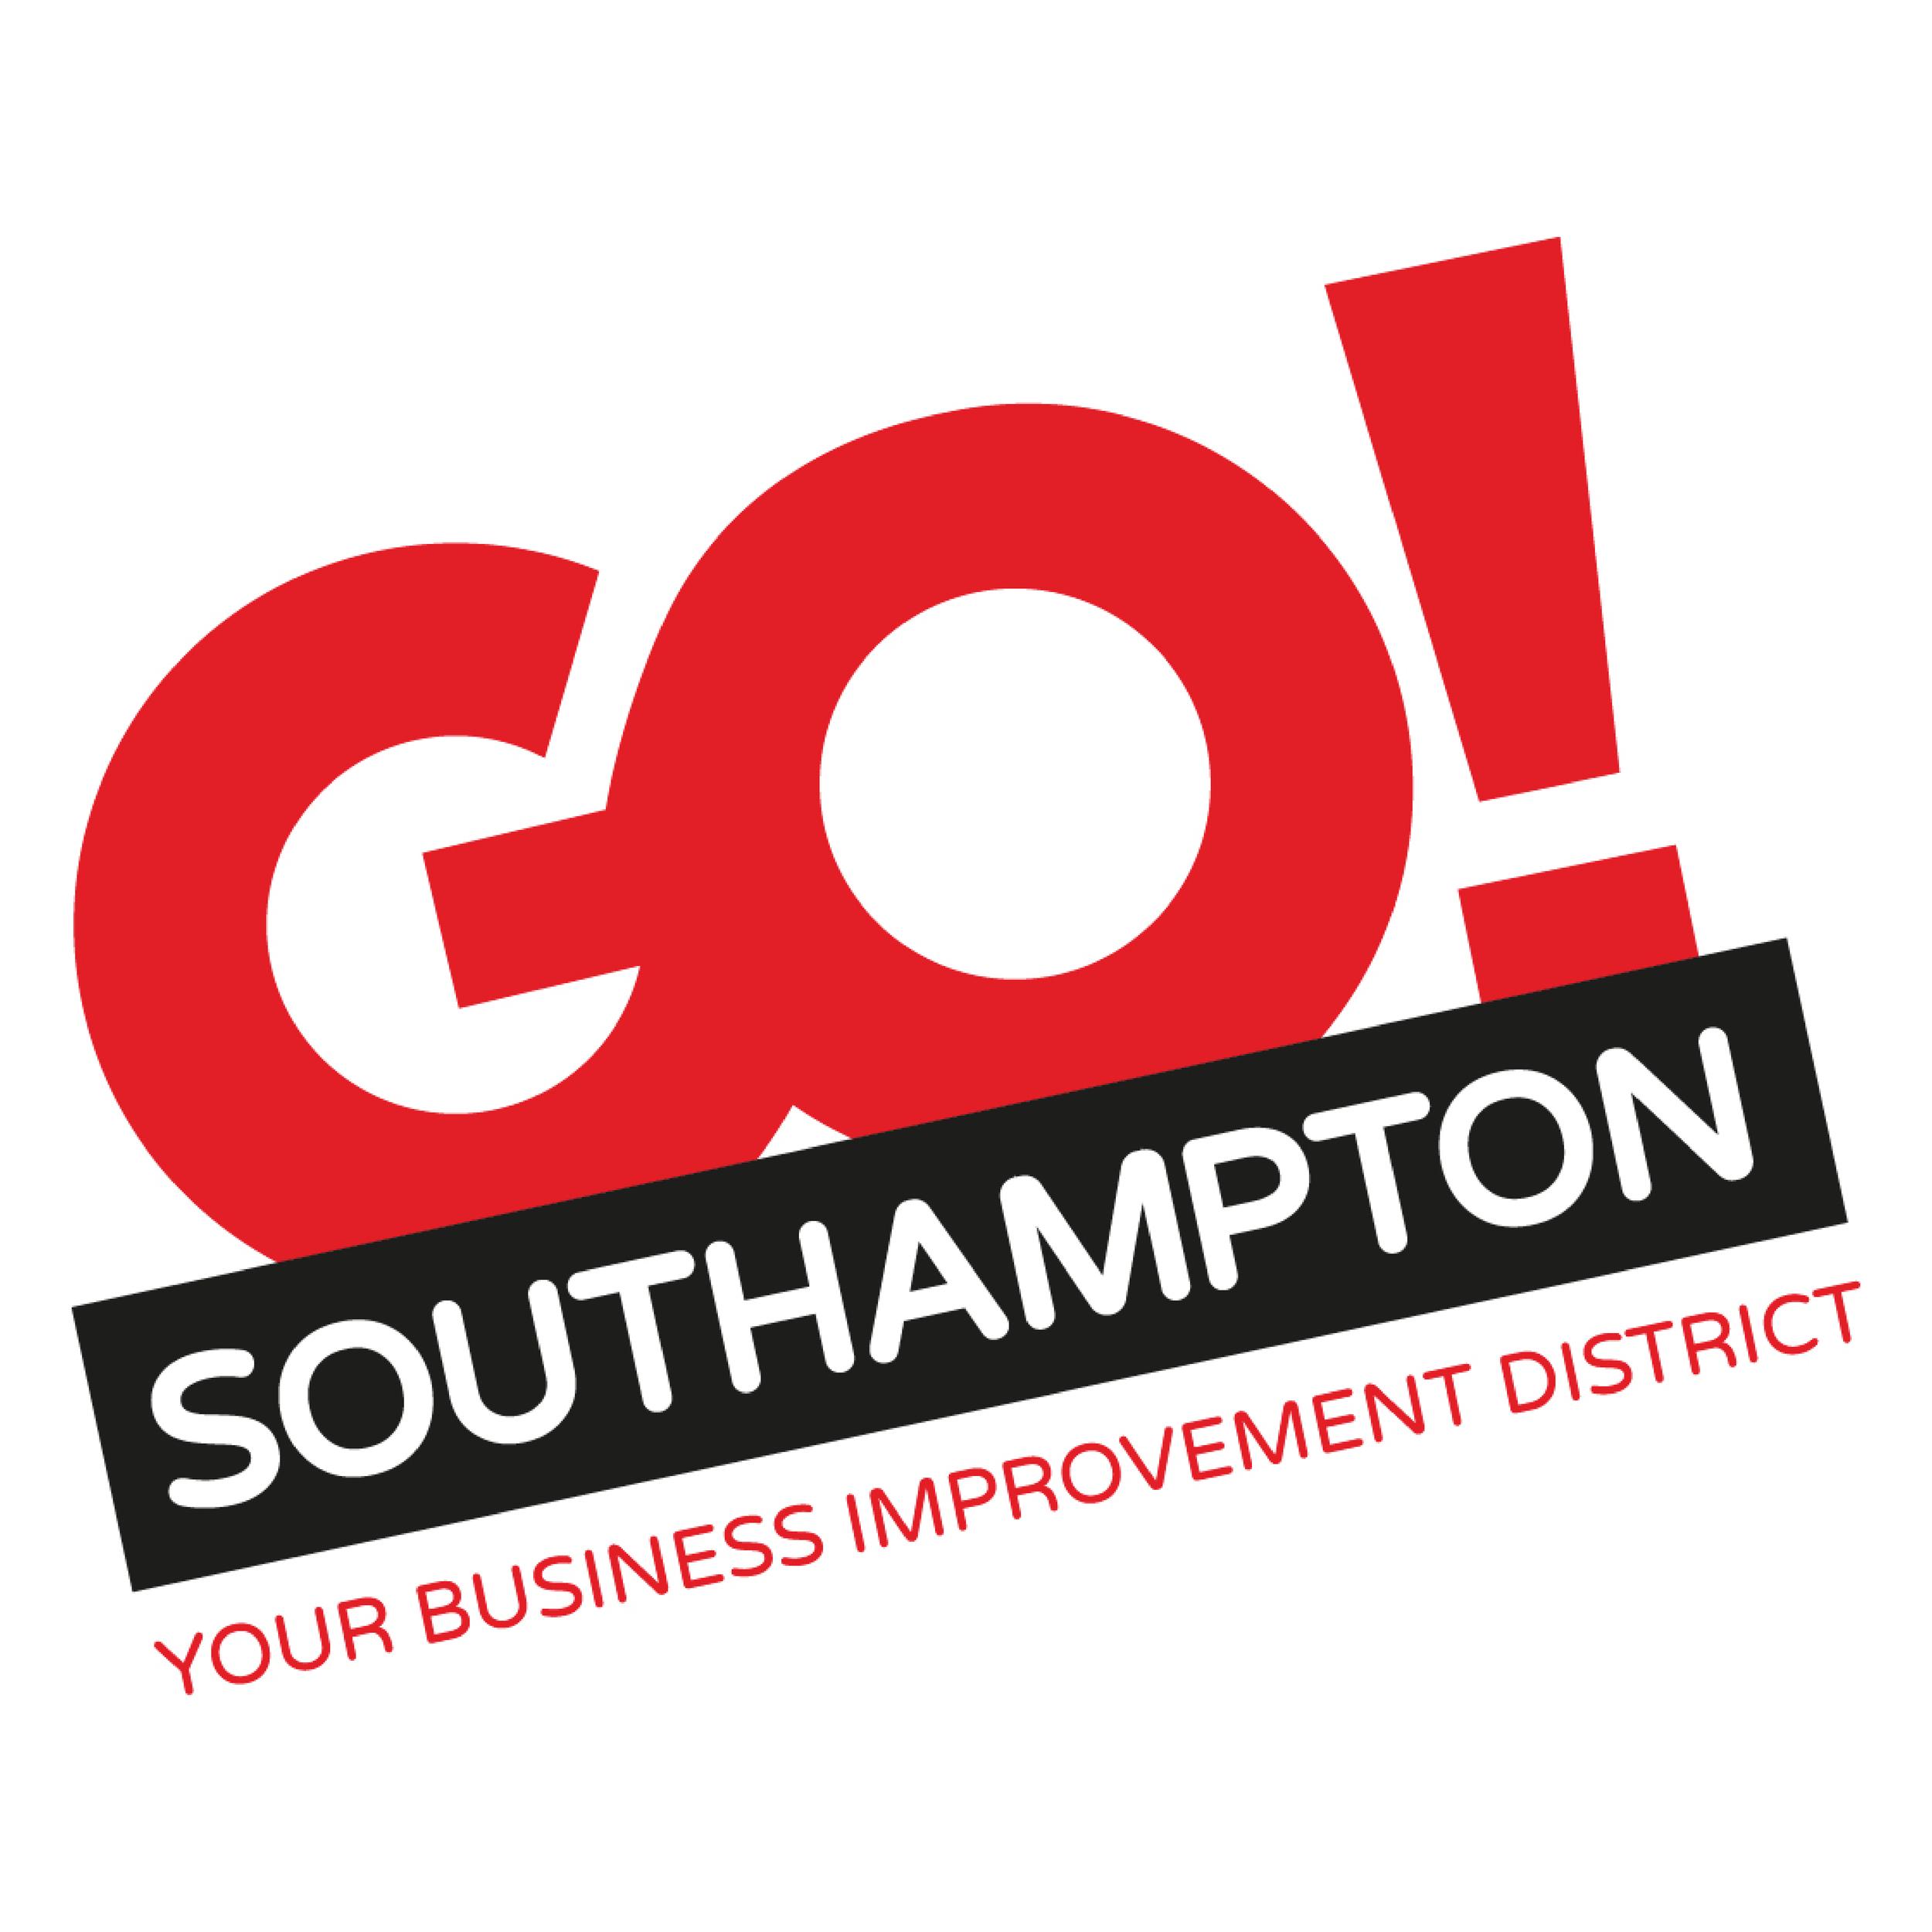 GO SOUTHAMPTON 01-01.png